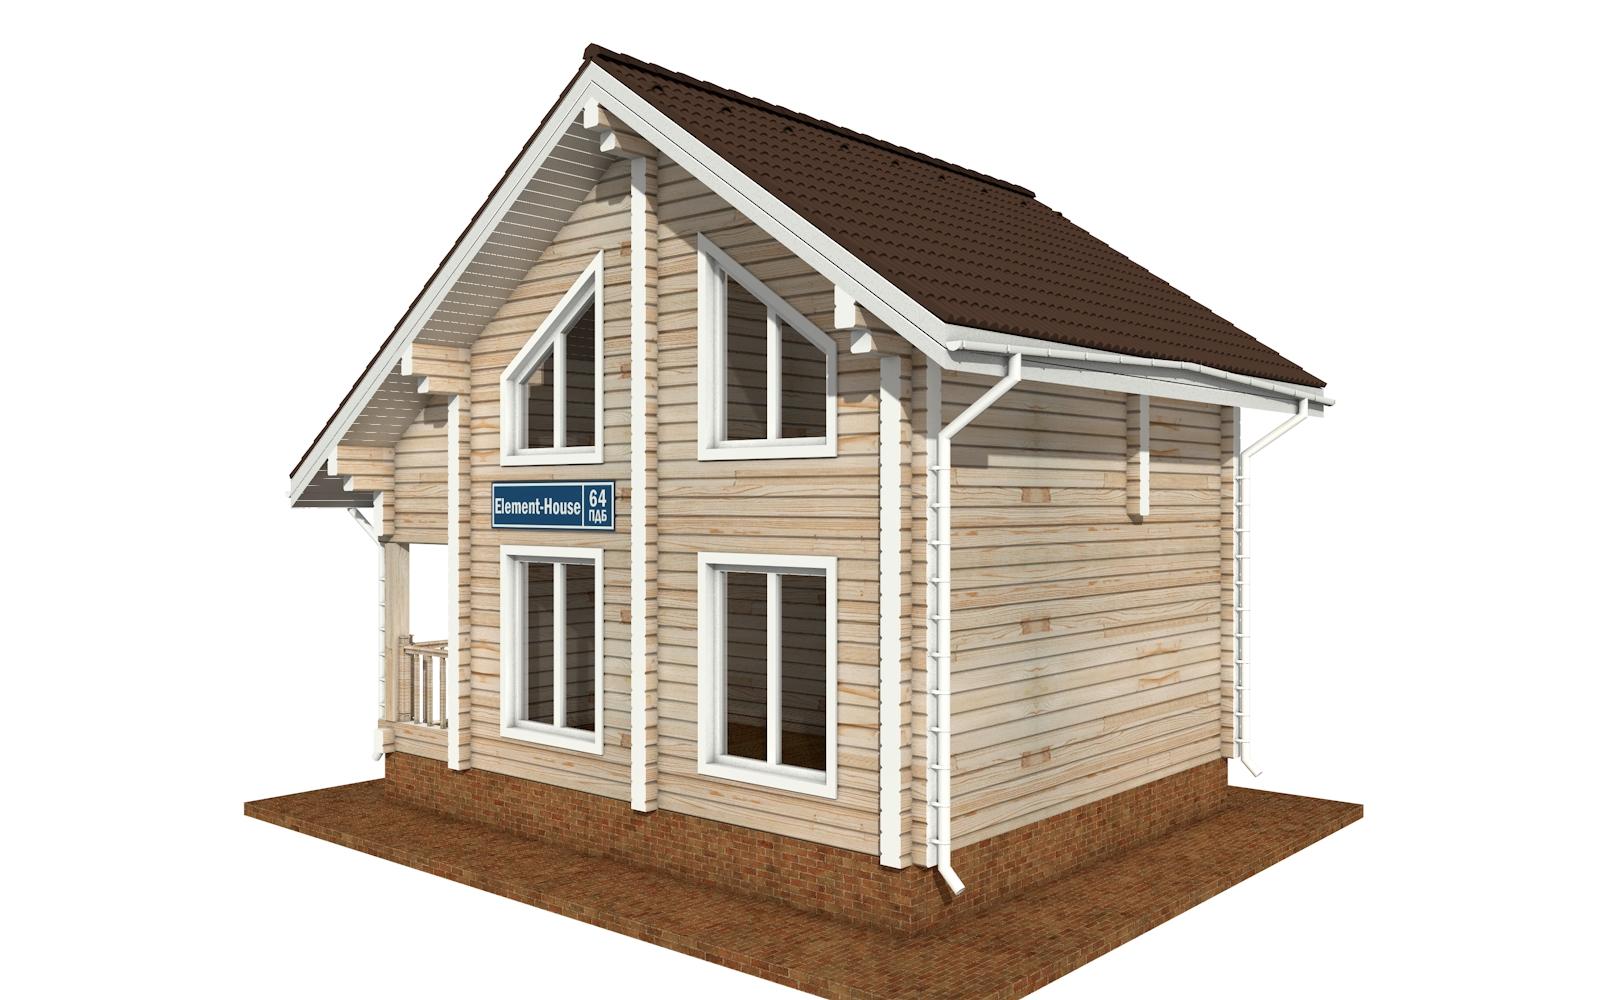 Фото #4: деревянный дом ПДБ-64 из клееного бруса купить за 7080194 (цена «Под ключ»)